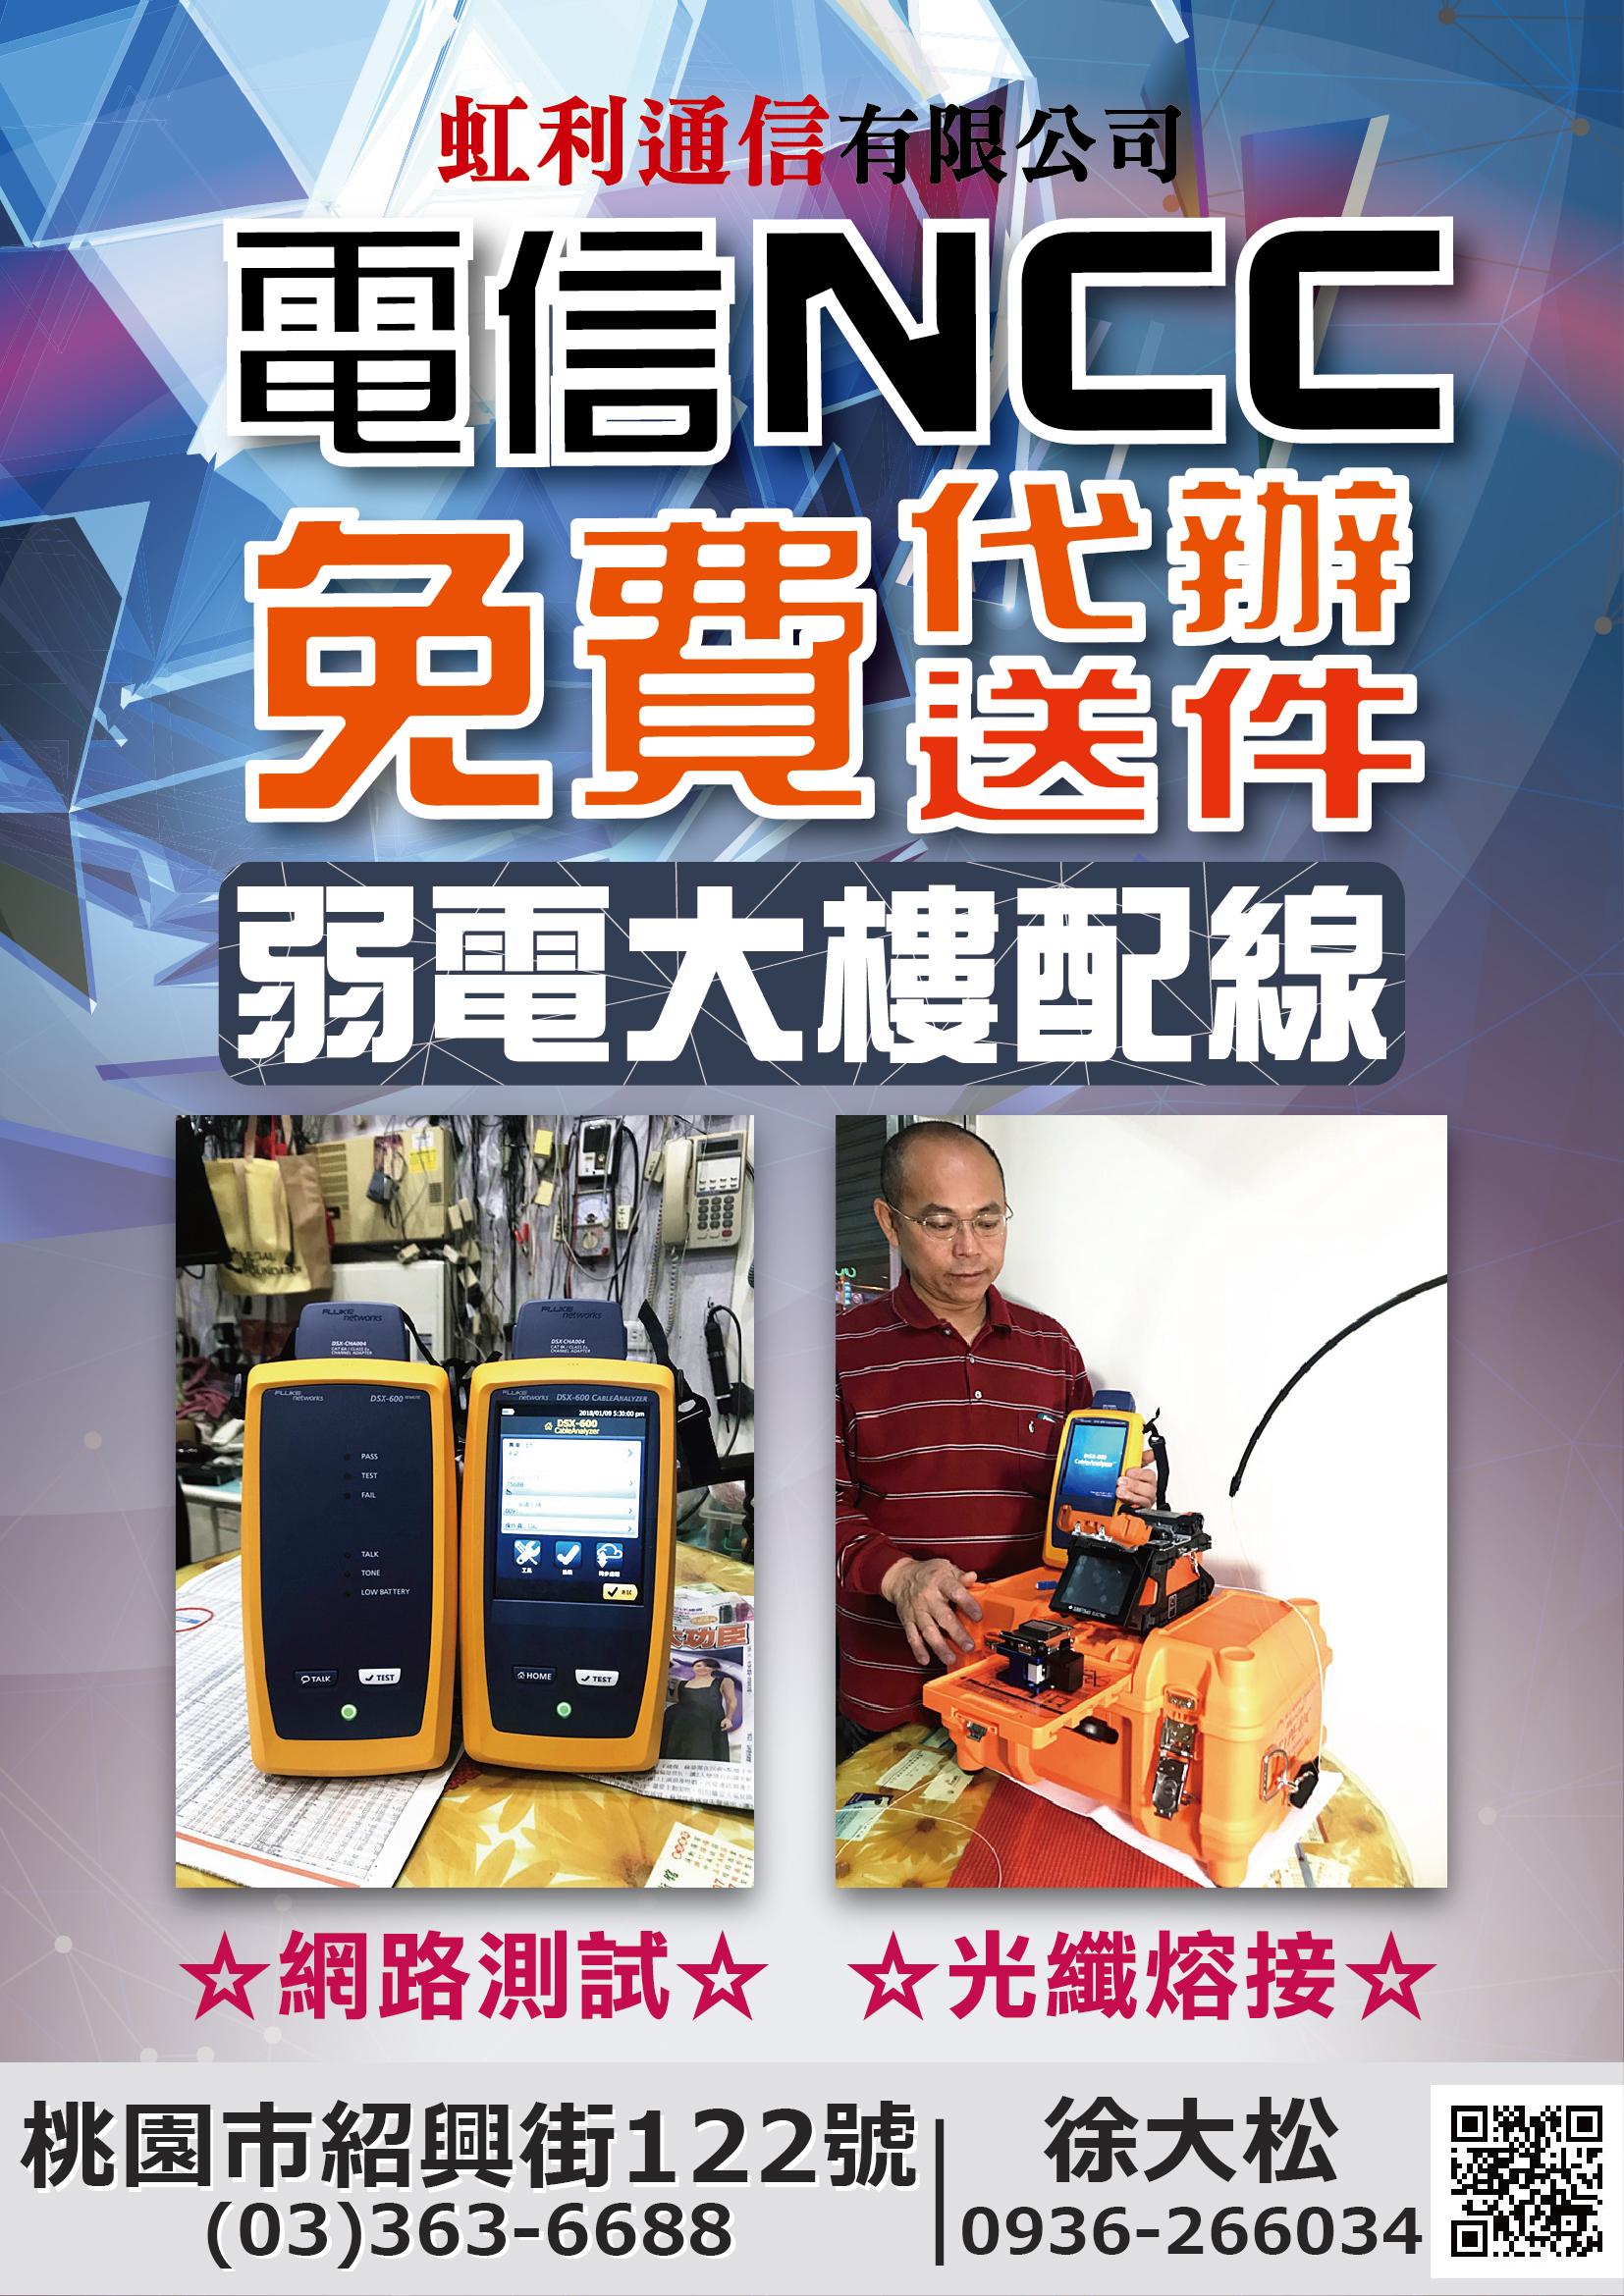 電信ncc廣告傳單-01-01.jpg